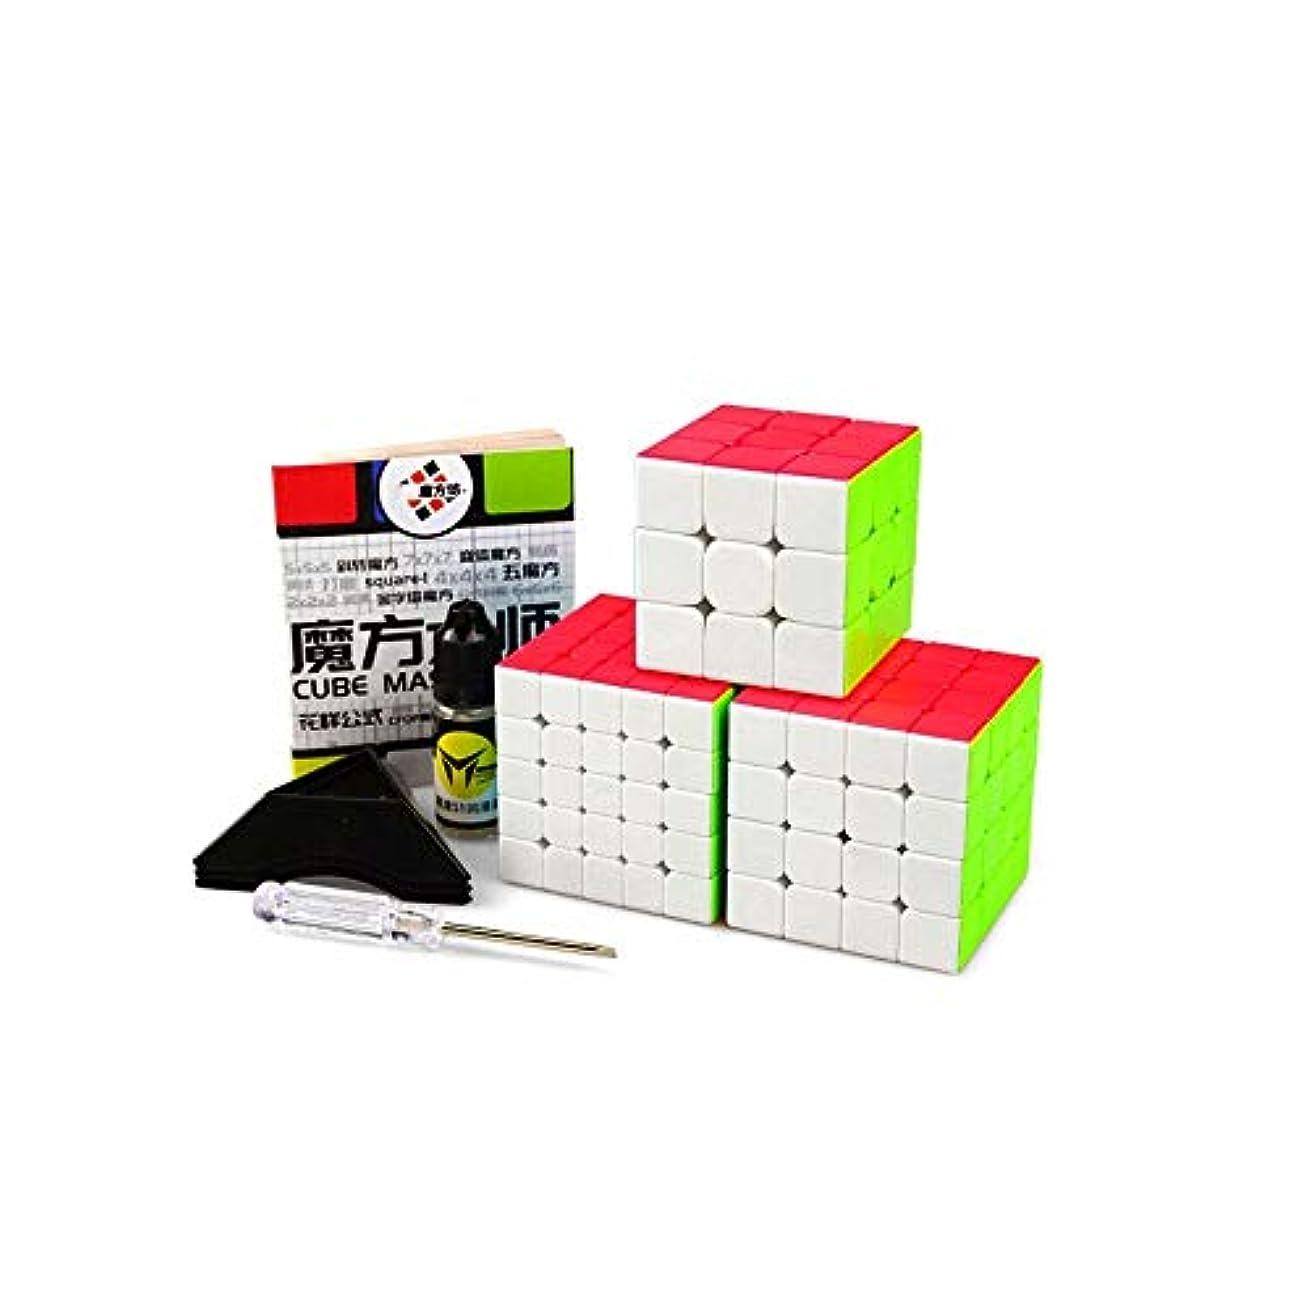 要求発送少ないWuhuizhenjingxiaobu ルービックキューブ、スムーズなデザインスタイル、安全で環境に優しいABS素材、耐久性を使用して、ギフトとして使用することができます(3番目/ 4番目/ 5番目) なめらか (Edition : Third order~Fifth order)